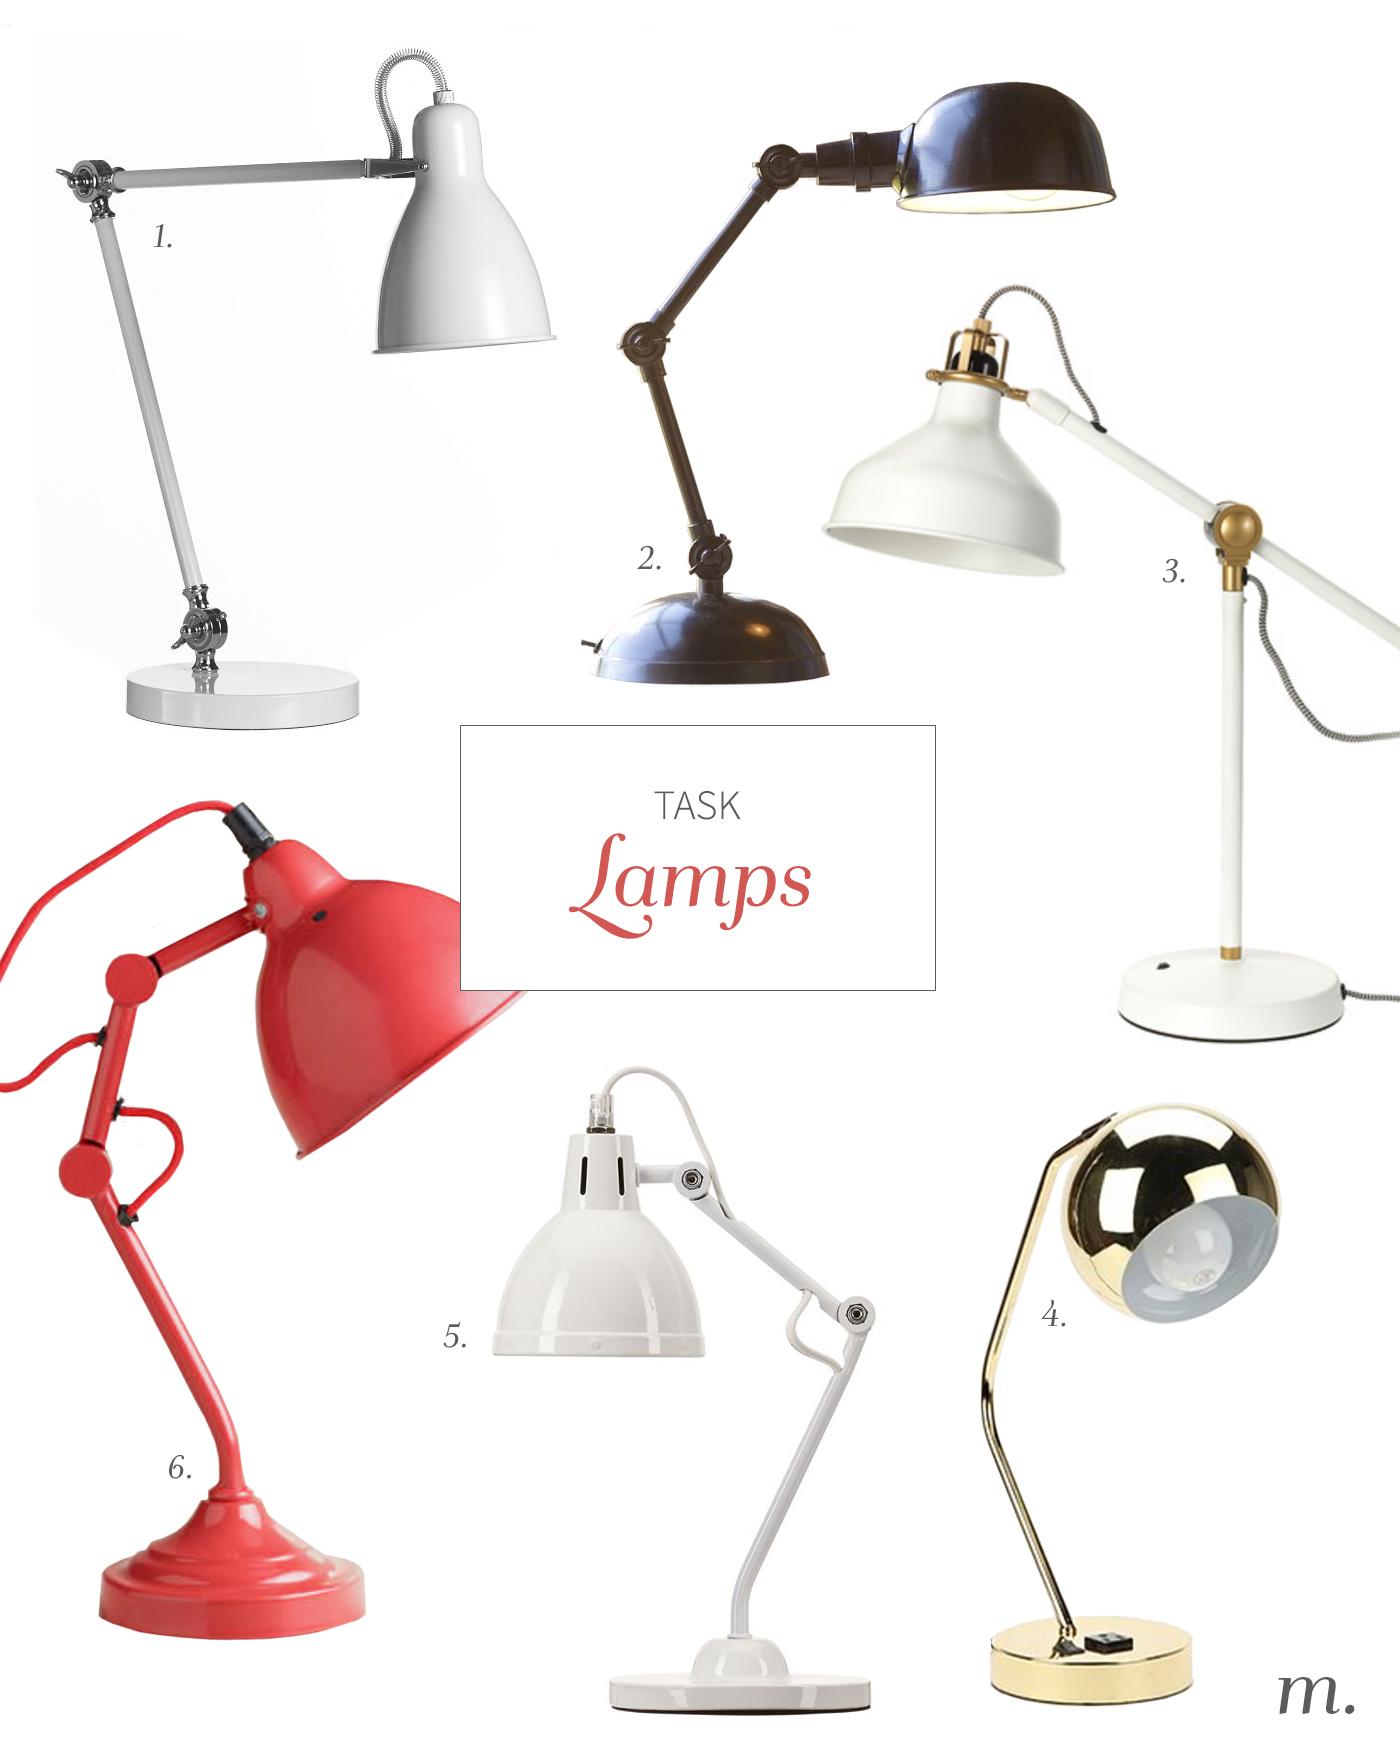 Task_Lamps